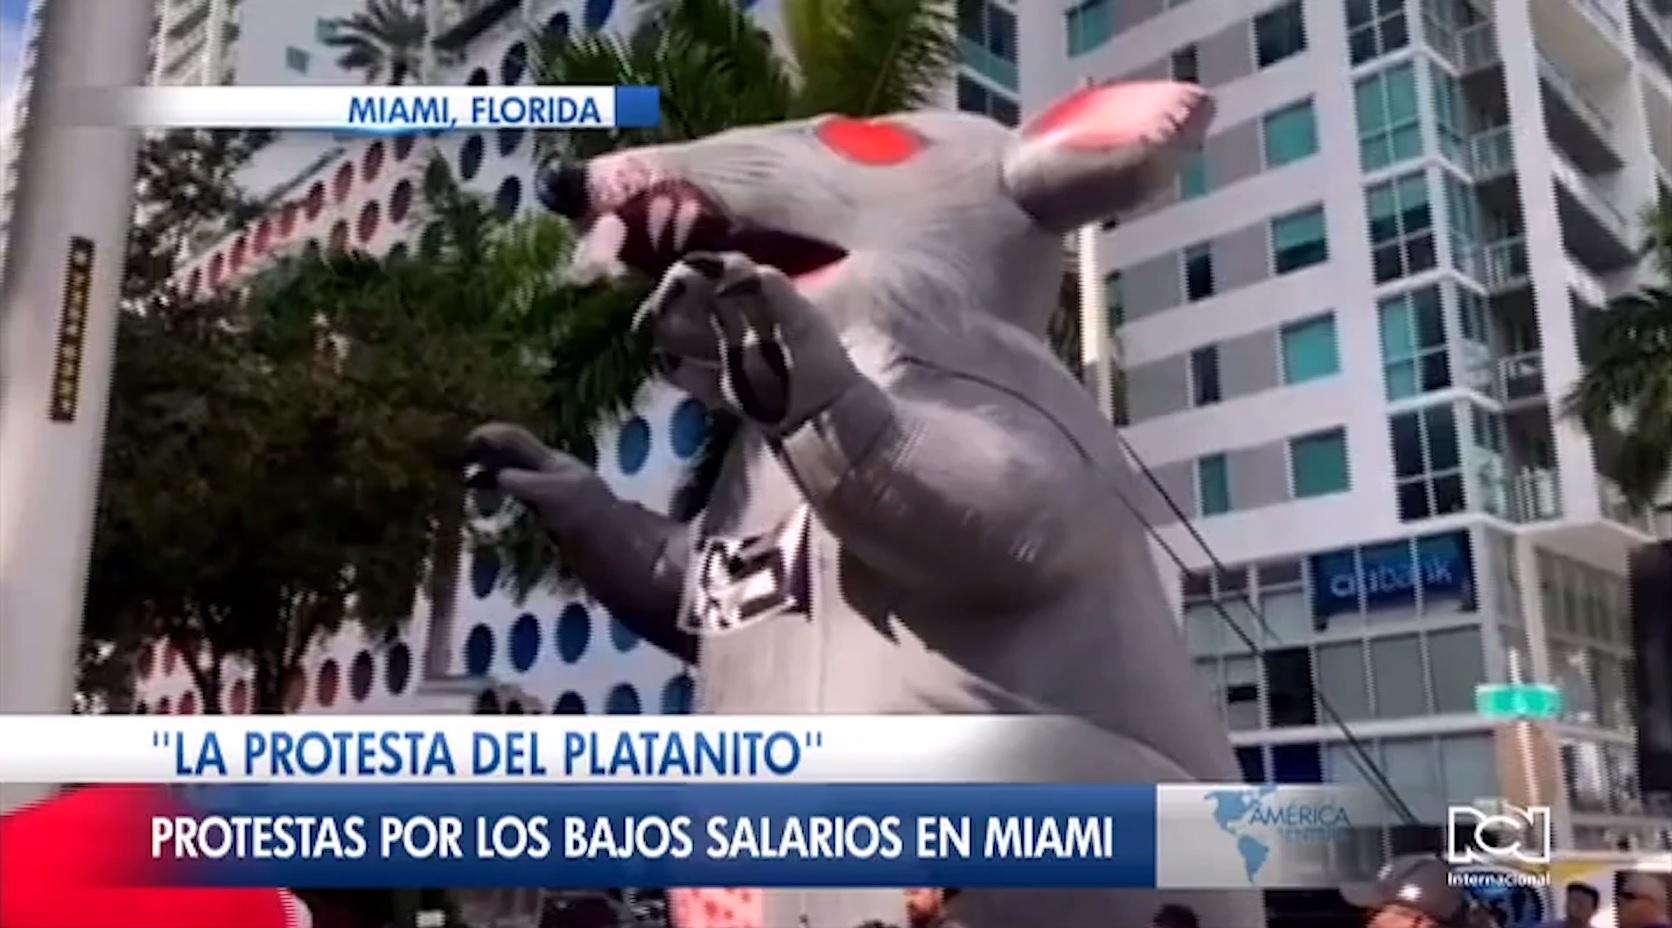 Así fue 'La protesta del platanito' realizada por trabajadores domésticos en Miami